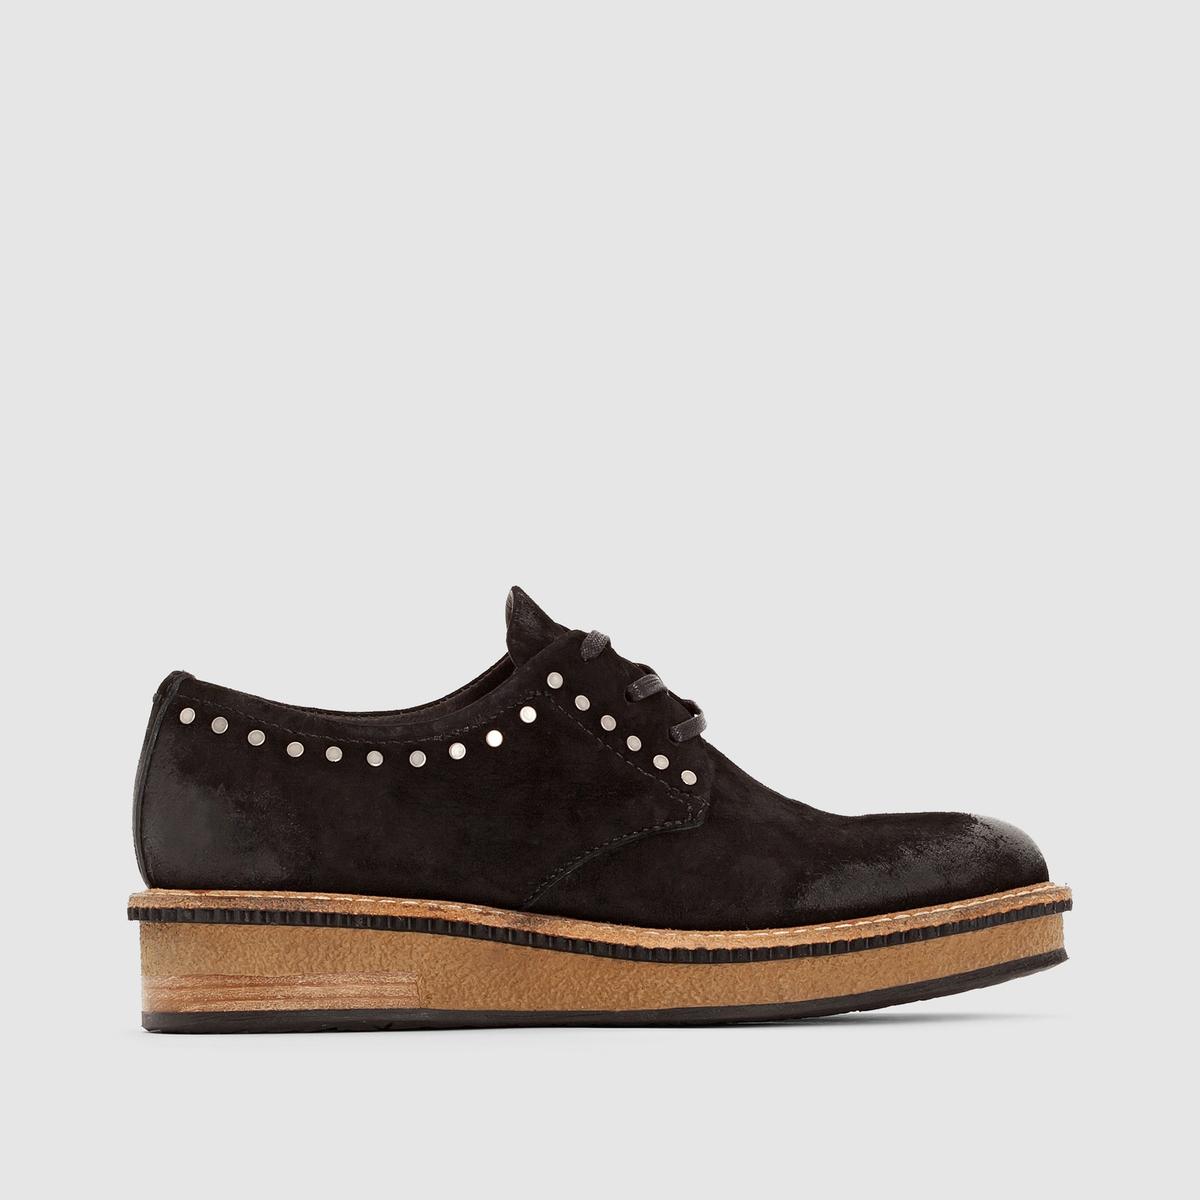 Ботинки-дерби кожаные MJUS CAVIARПреимущества : ботинки-дерби MJUS на танкетке, оригинальные заклепки.<br><br>Цвет: черный<br>Размер: 41